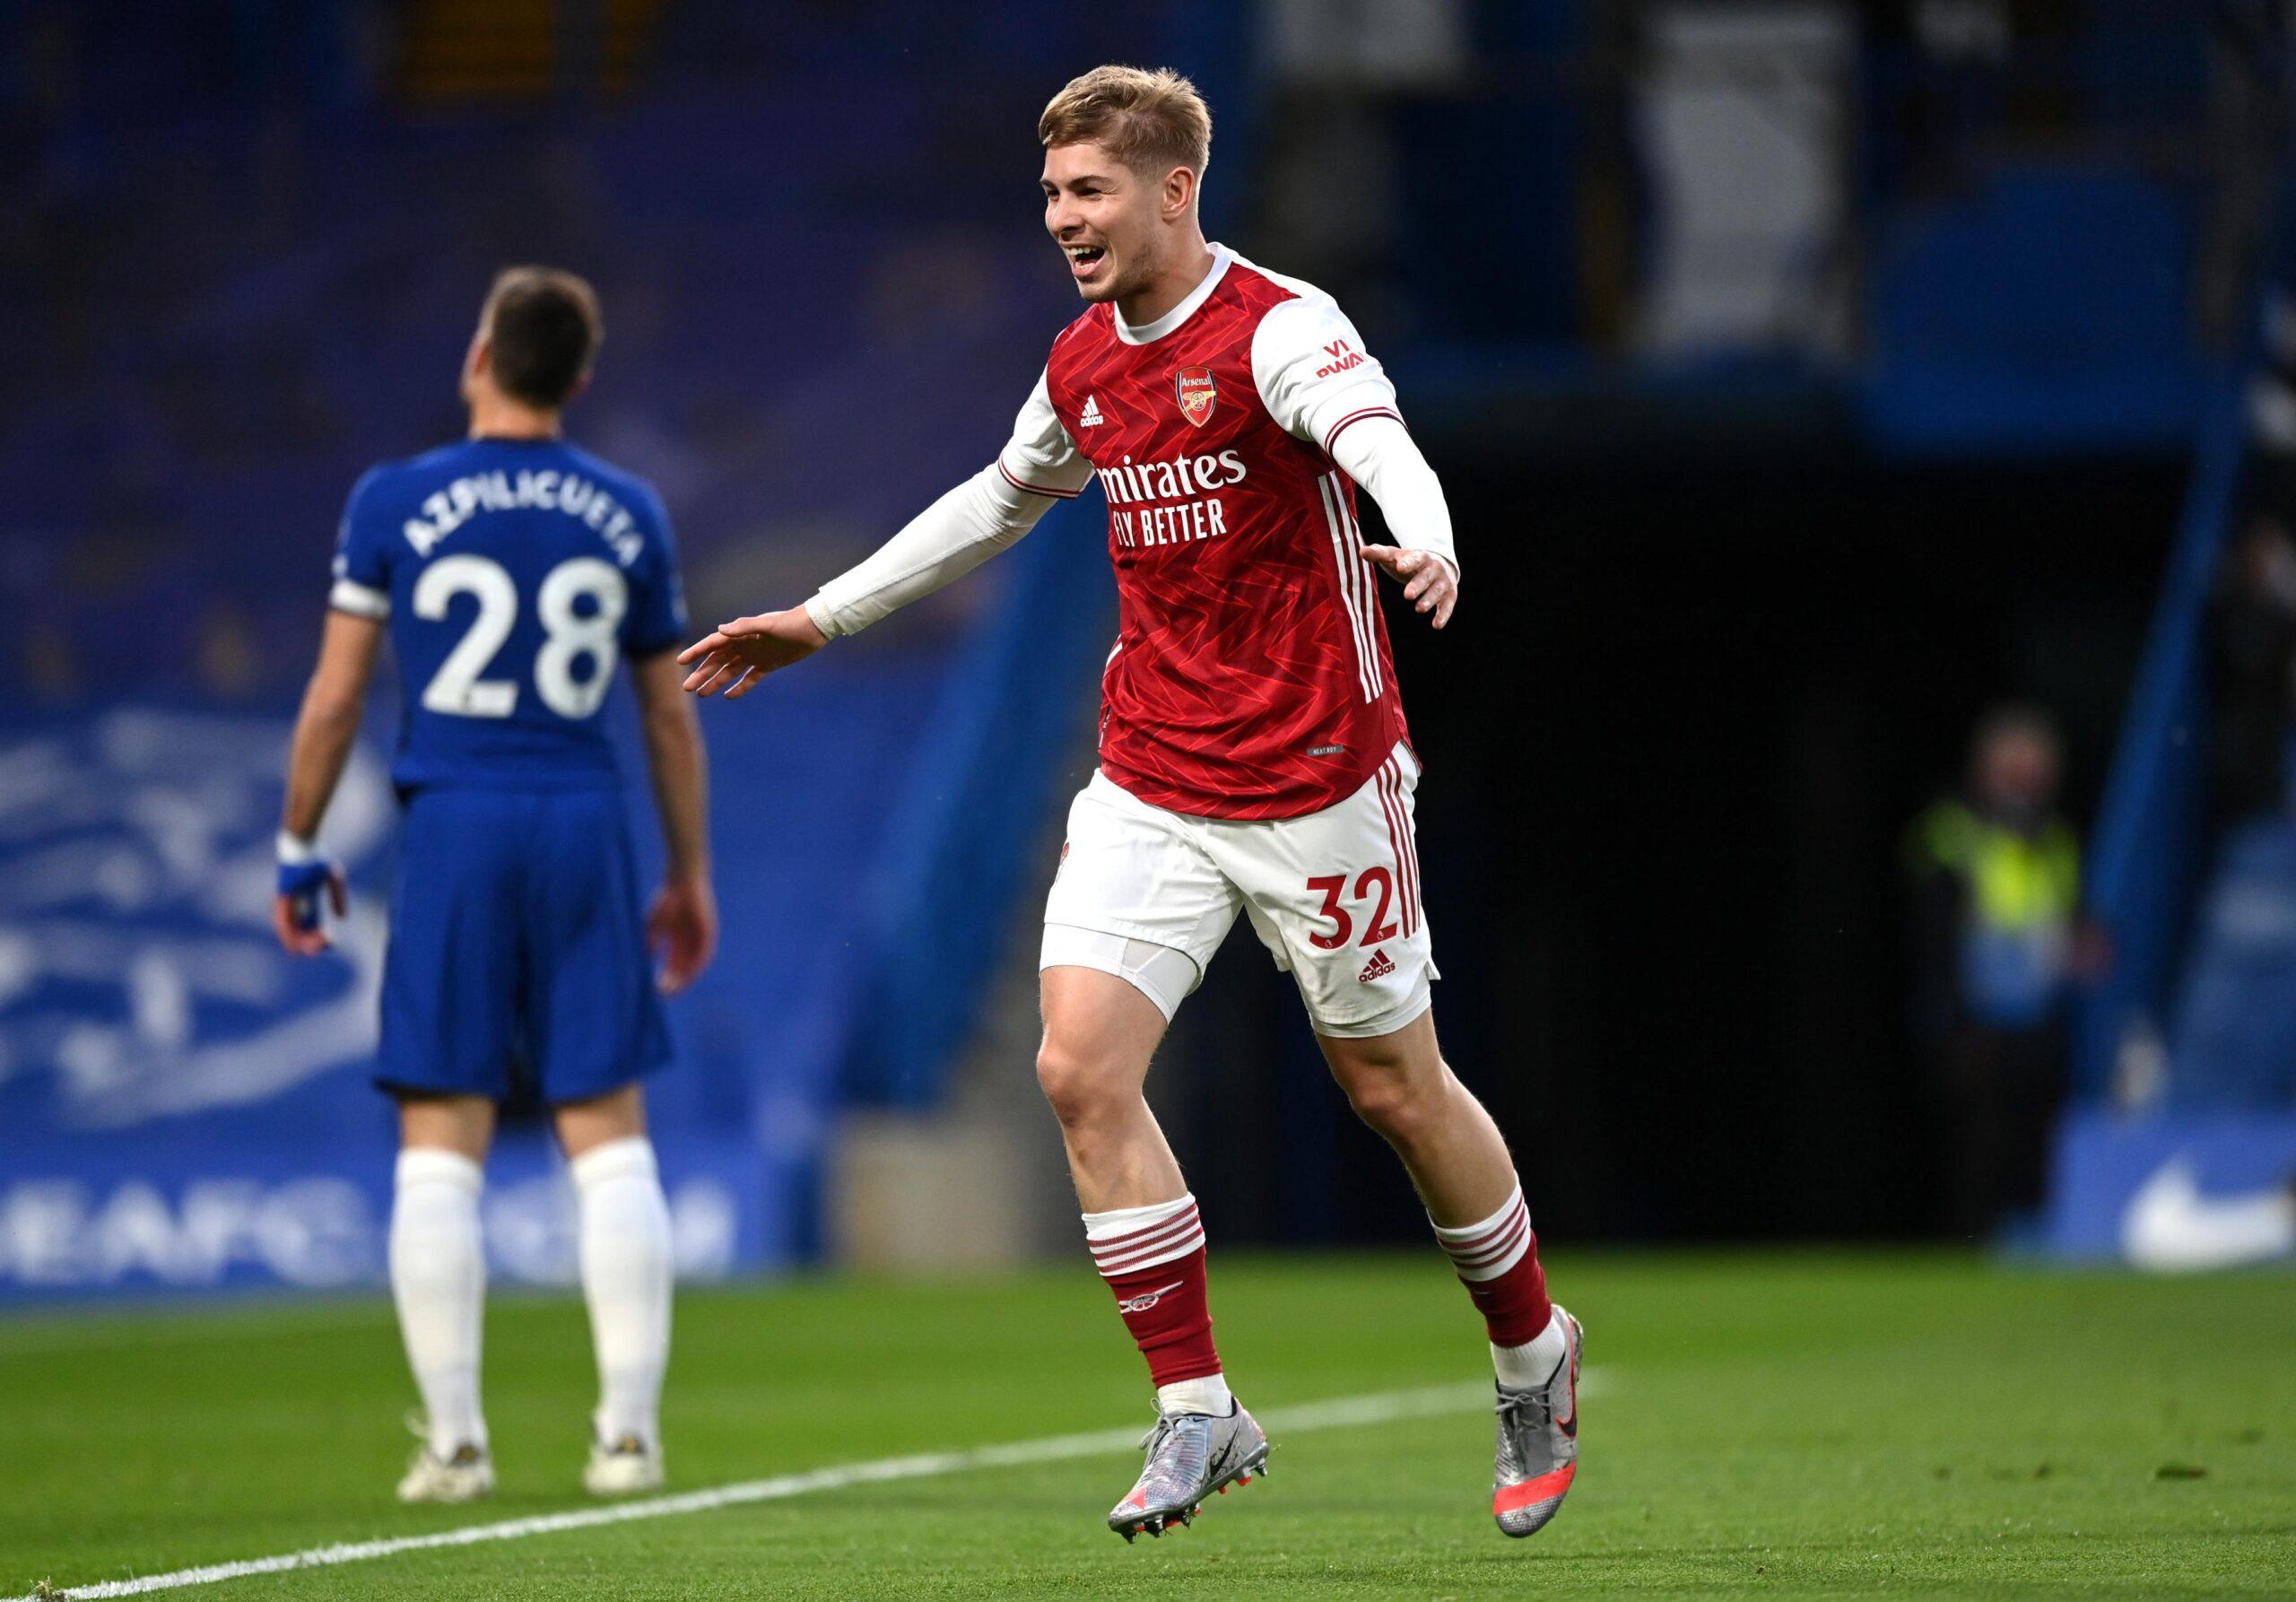 Smith scores for Arsenal